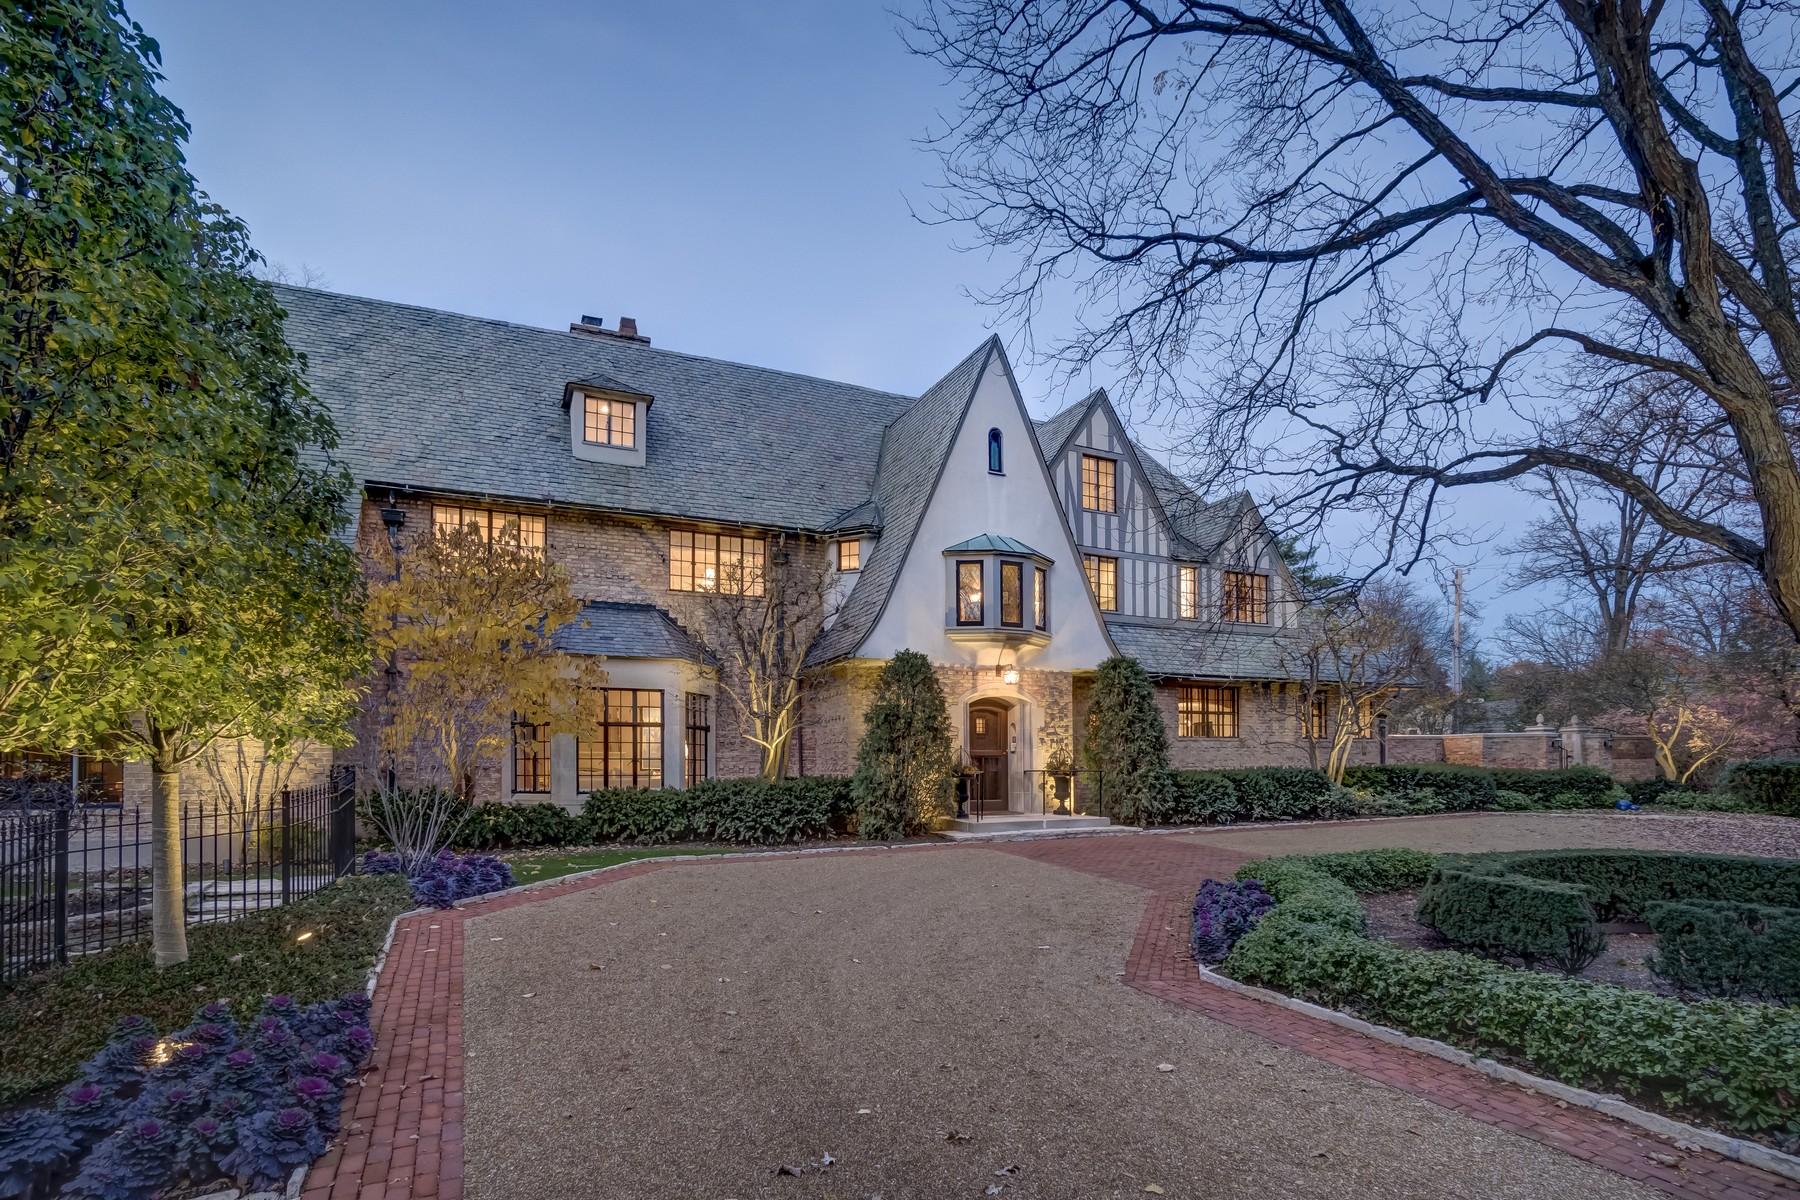 一戸建て のために 売買 アット Captivating English Manor Home 35 Indian Hill Road Winnetka, イリノイ, 60093 アメリカ合衆国